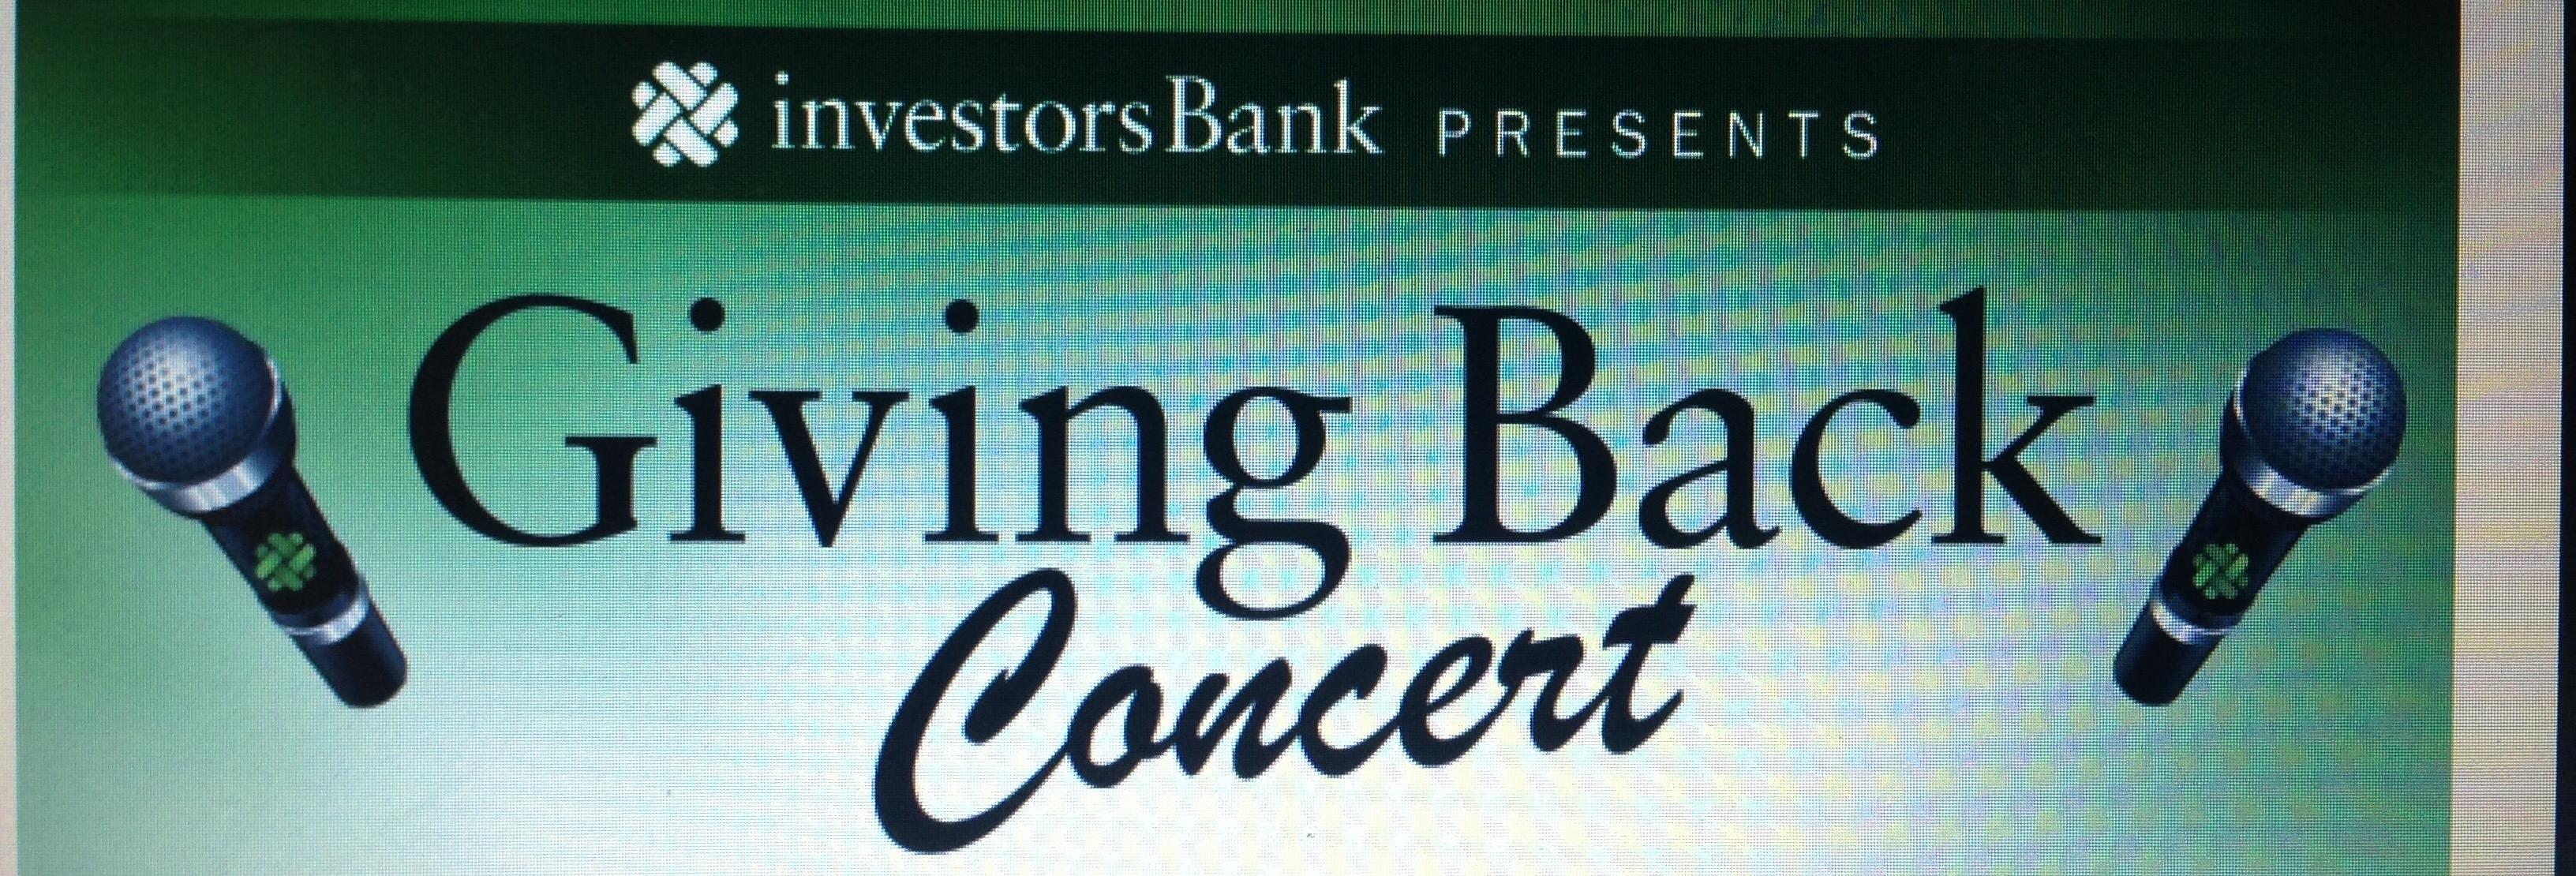 91379740fd6bd09c4b73_give_back_concert.JPG